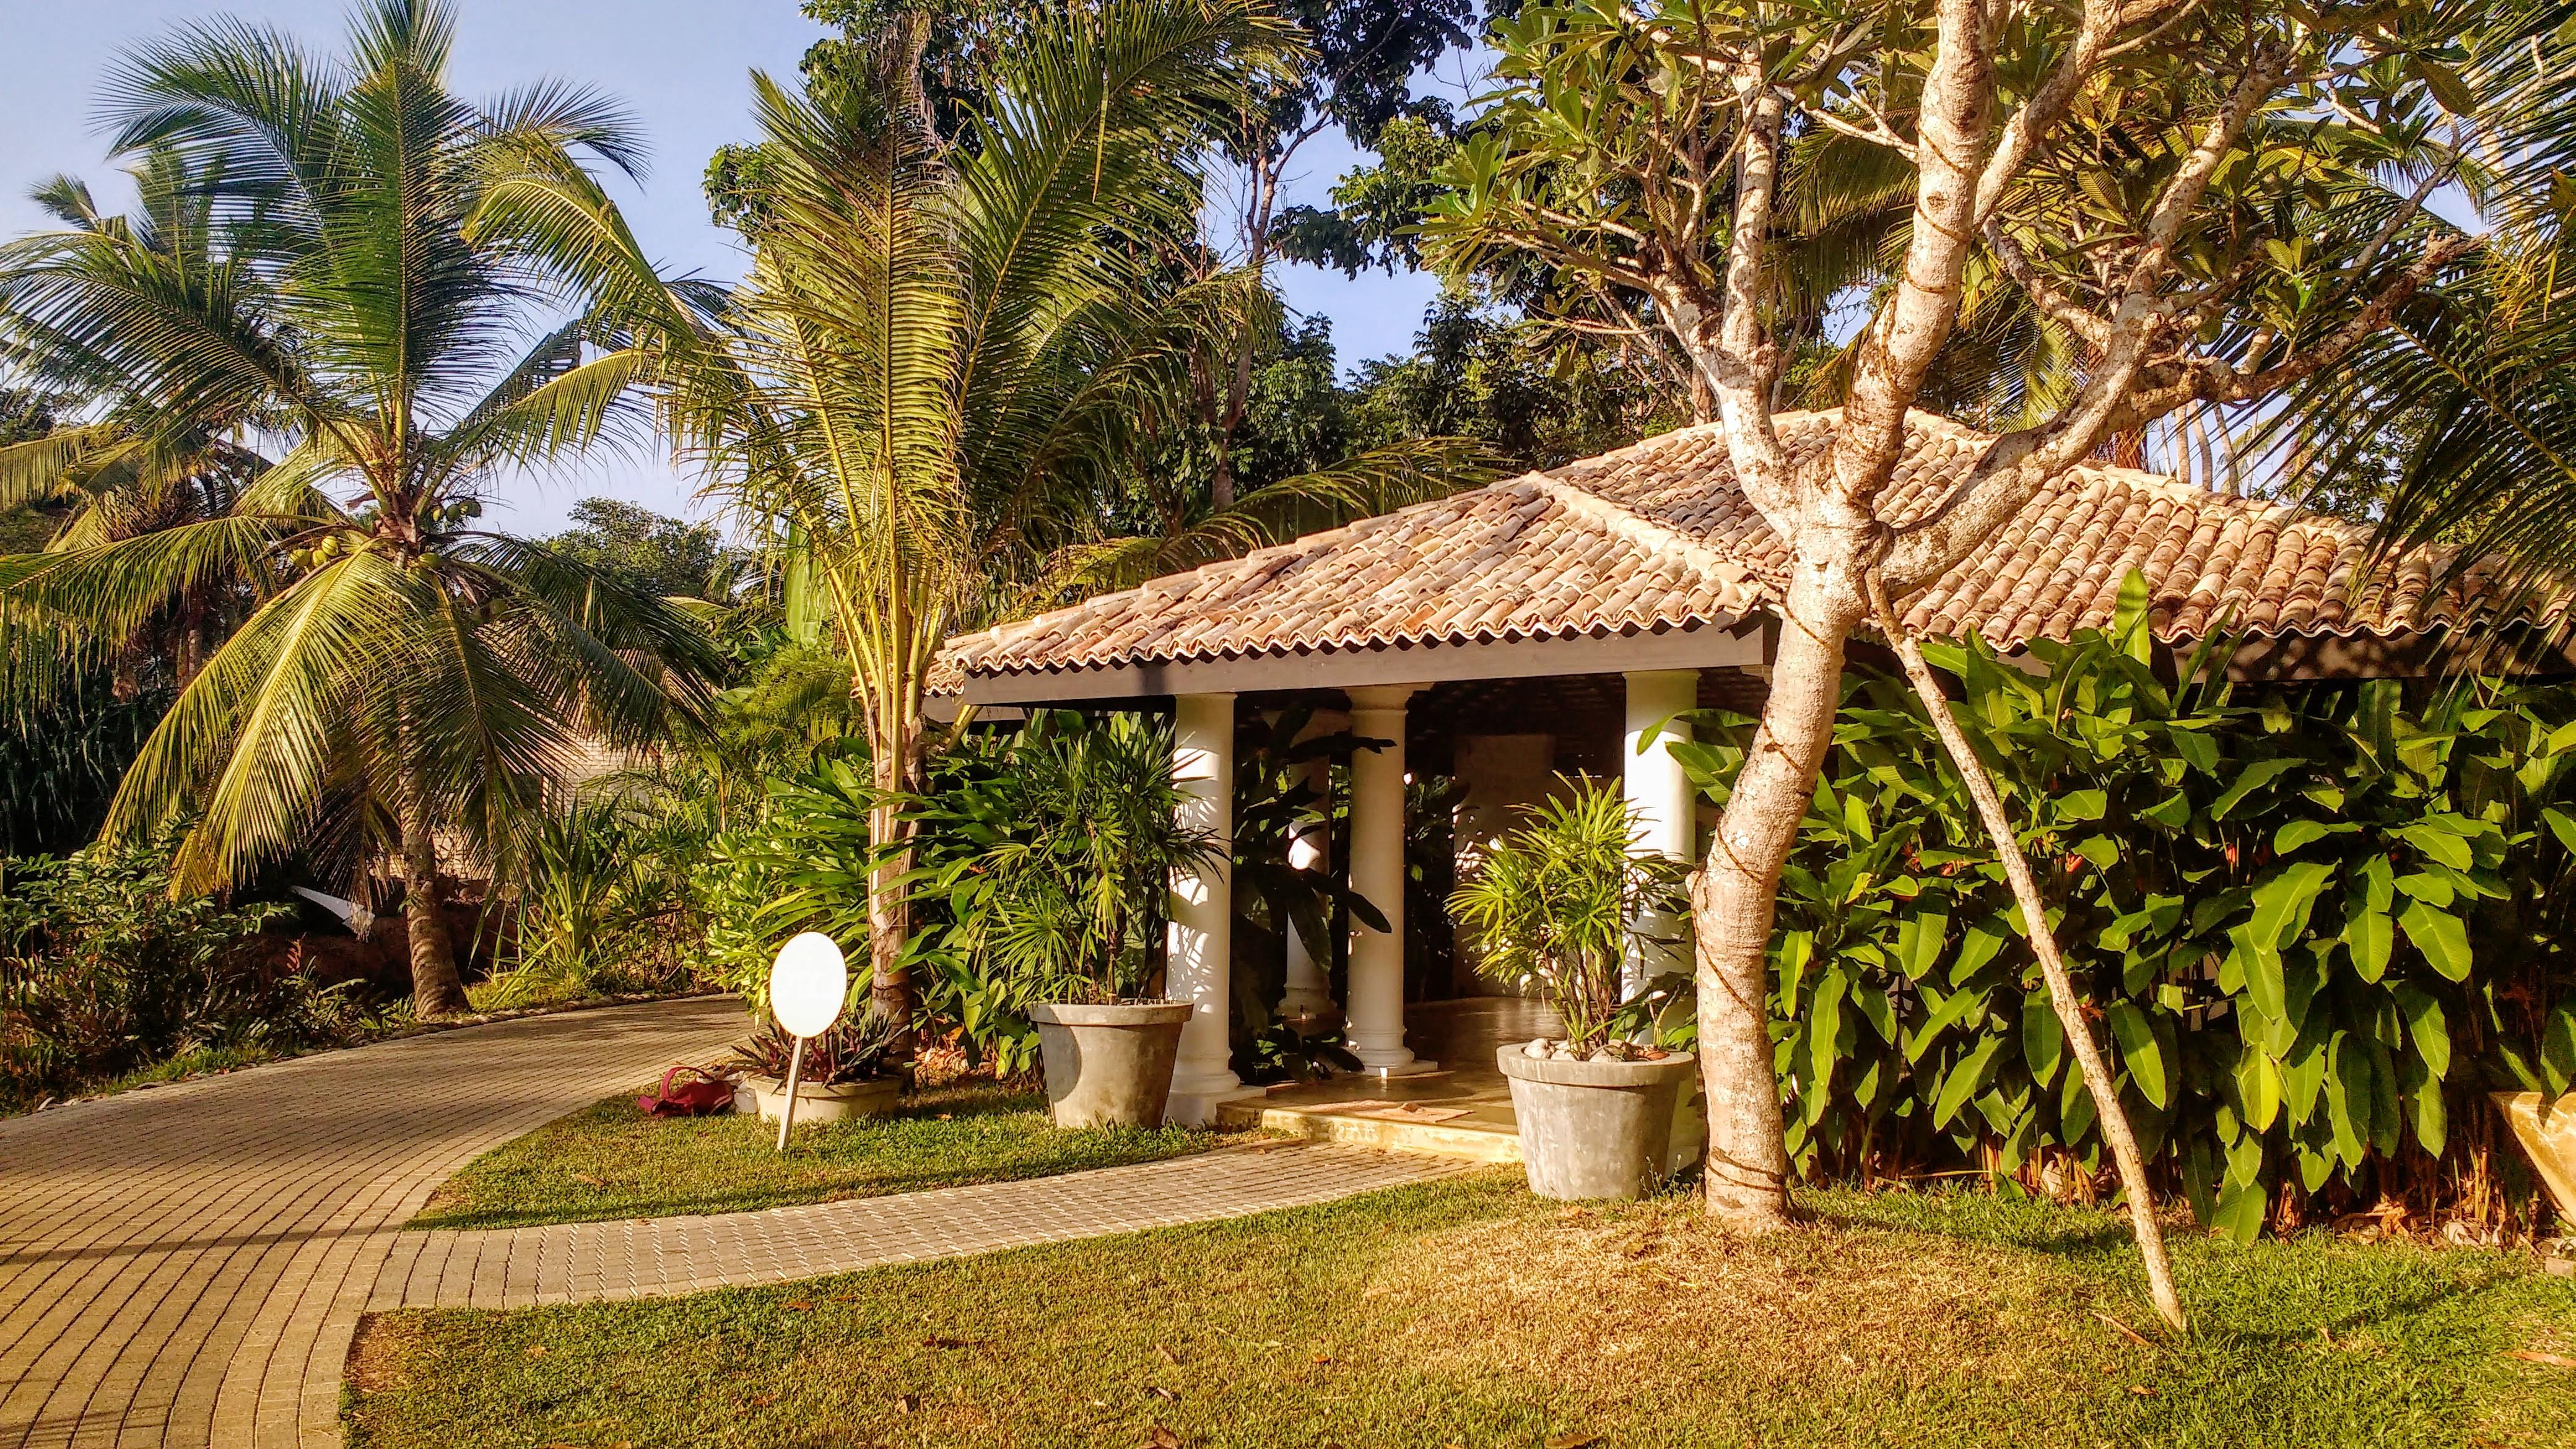 The Yoga Shala at Soul & Surf Sri Lanka